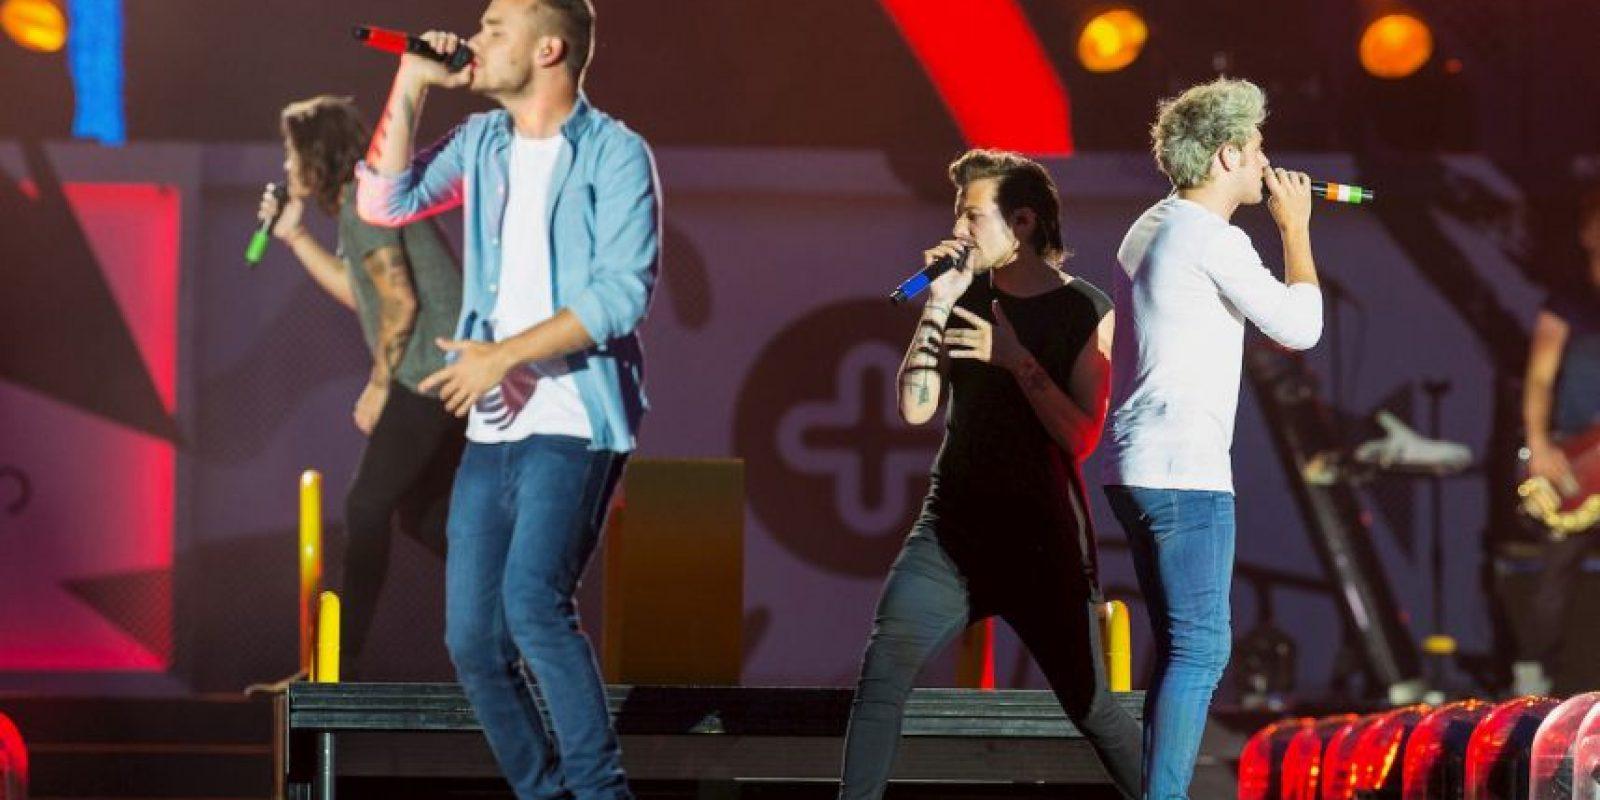 Los integrantes de One Direction han desmostrado lo bien que se llevan. Foto:Getty Images